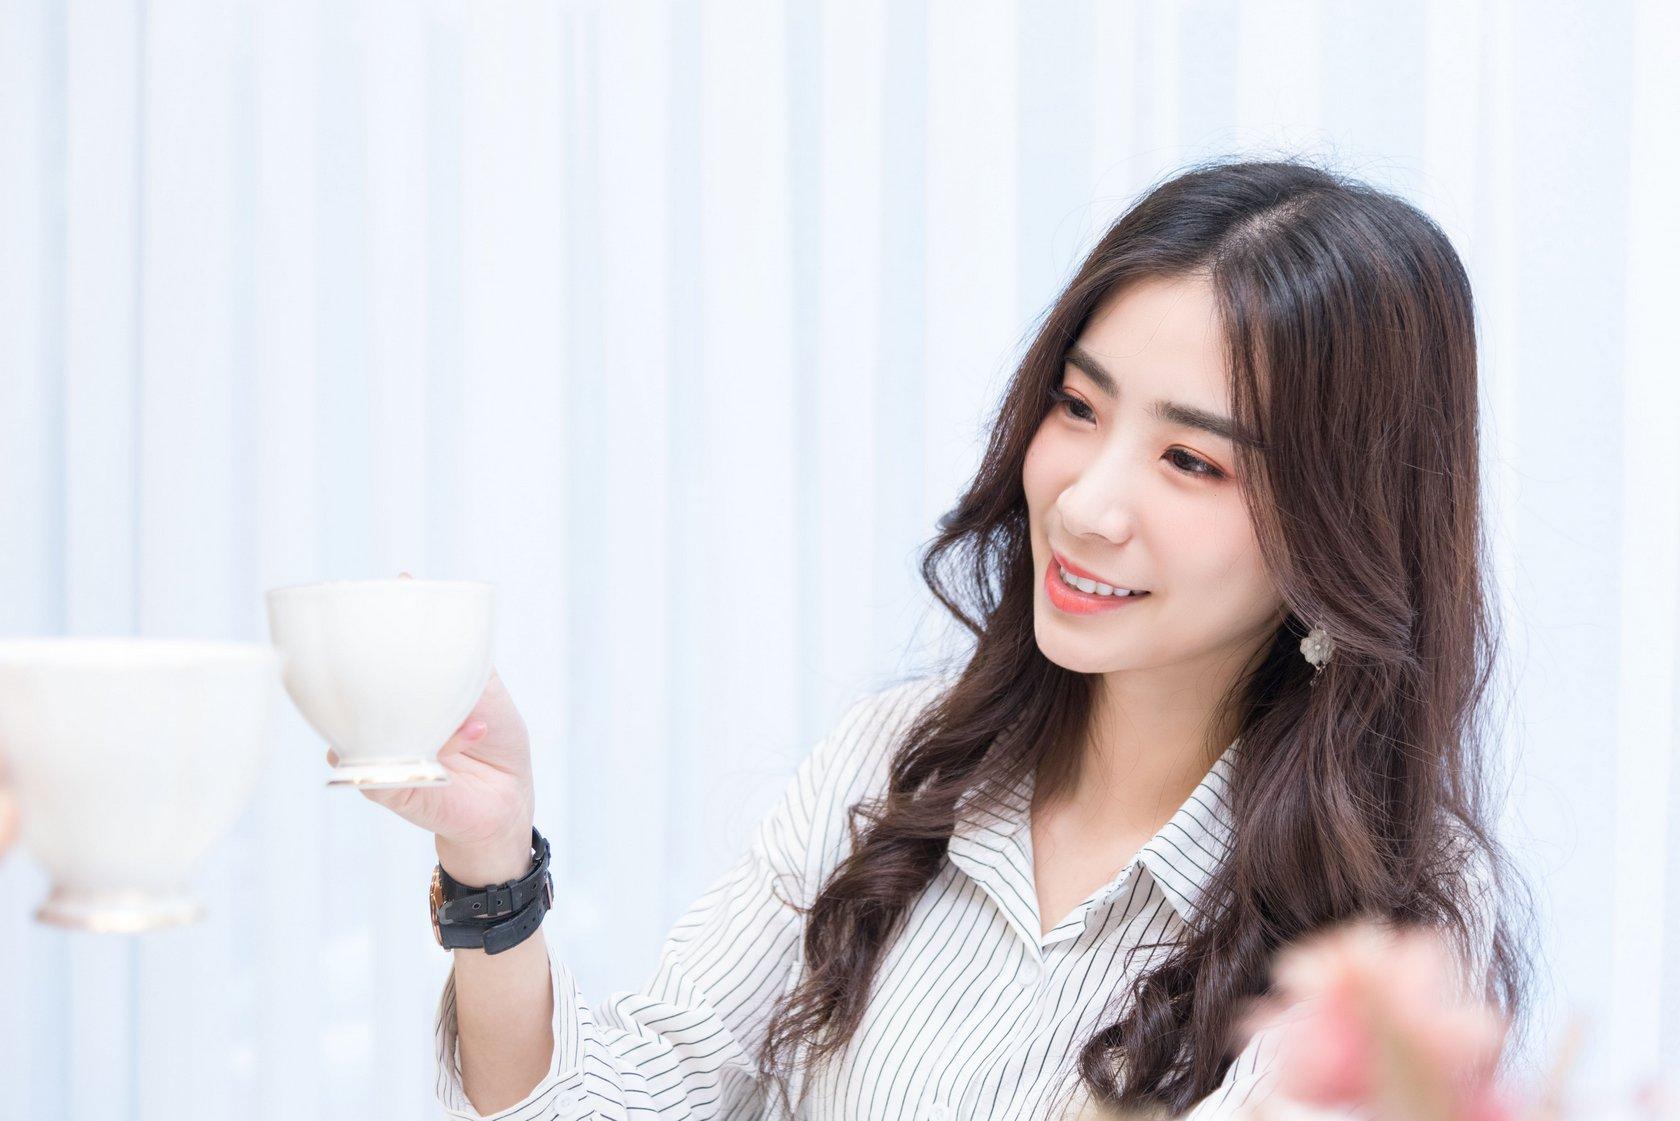 台北基礎個人彩妝教學 上班族OL小資女必備課程